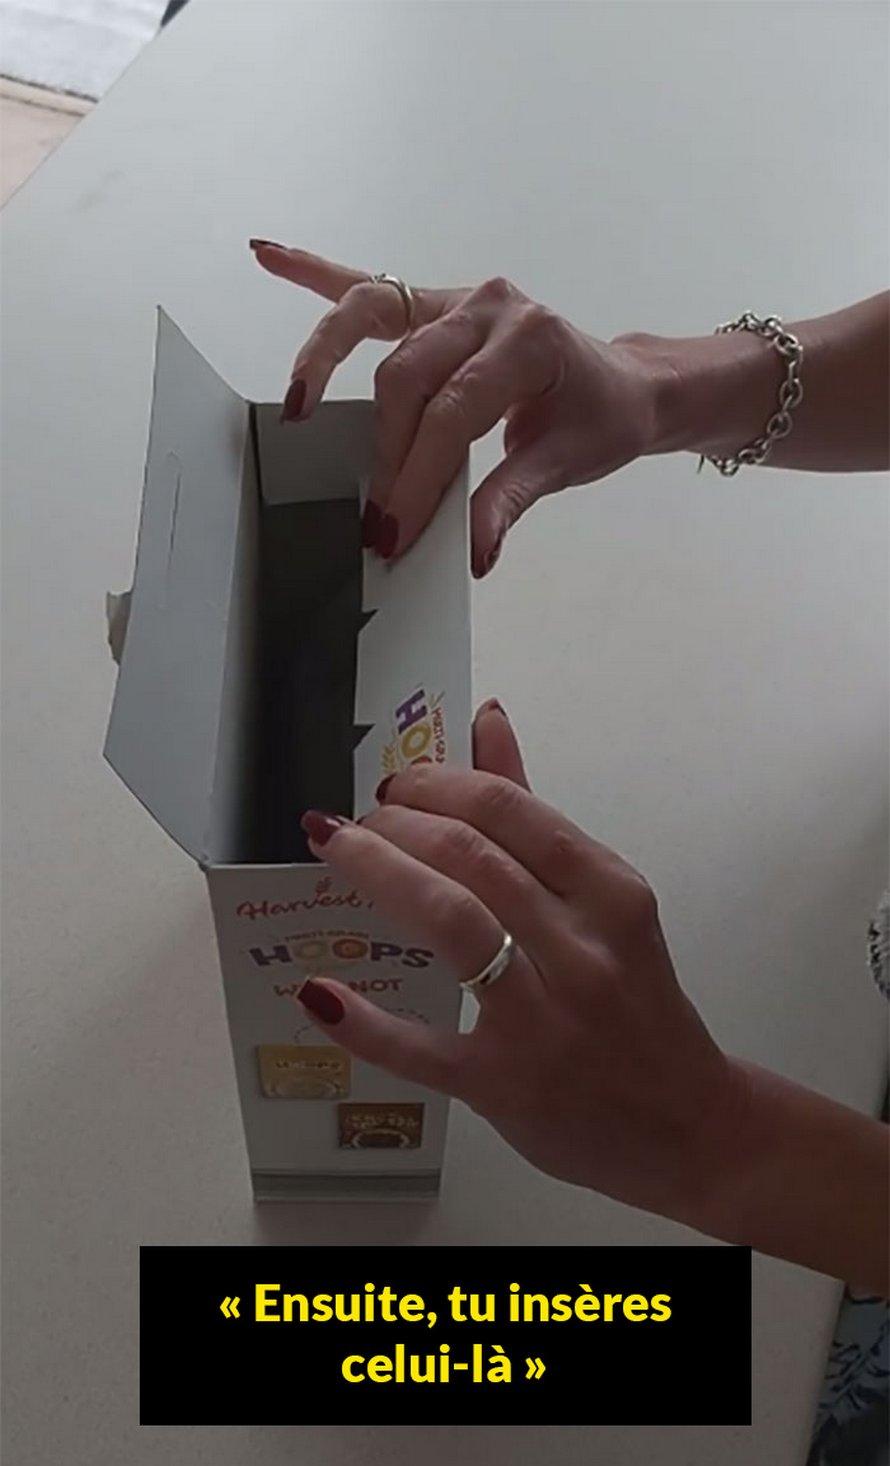 Une femme est stupéfaite de découvrir comment fermer une boîte de céréales de la bonne façon